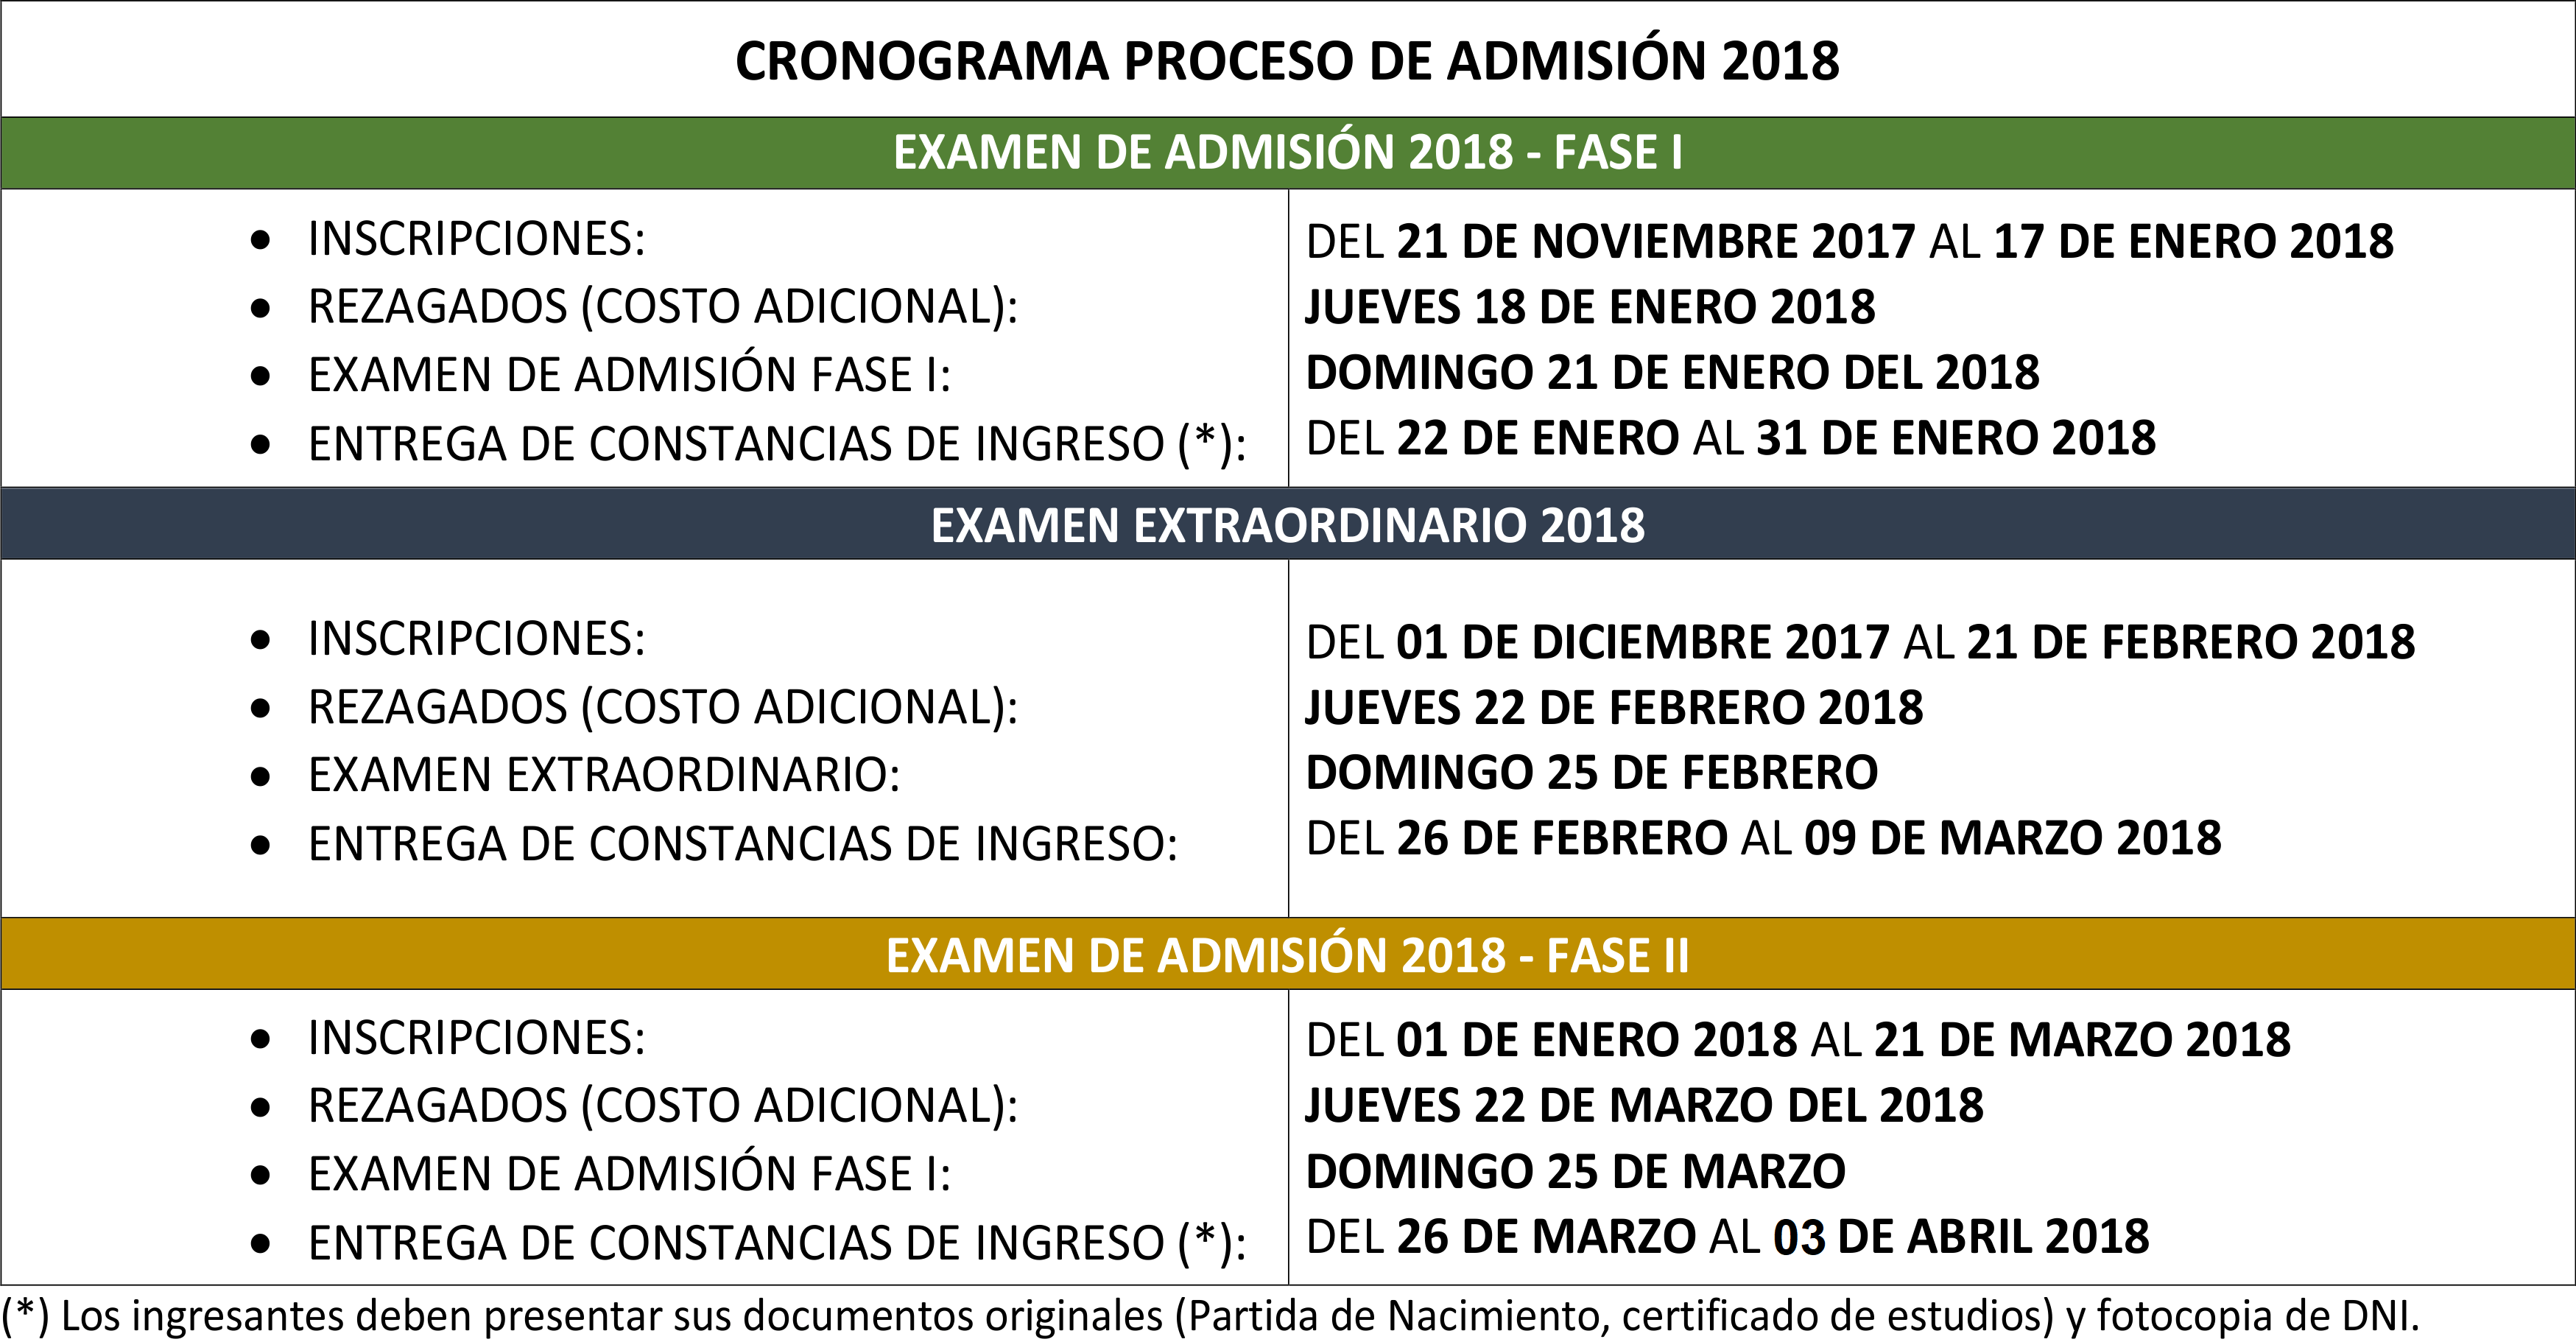 CRONOGRAMA-PROCESO-DE-ADMISION-2018